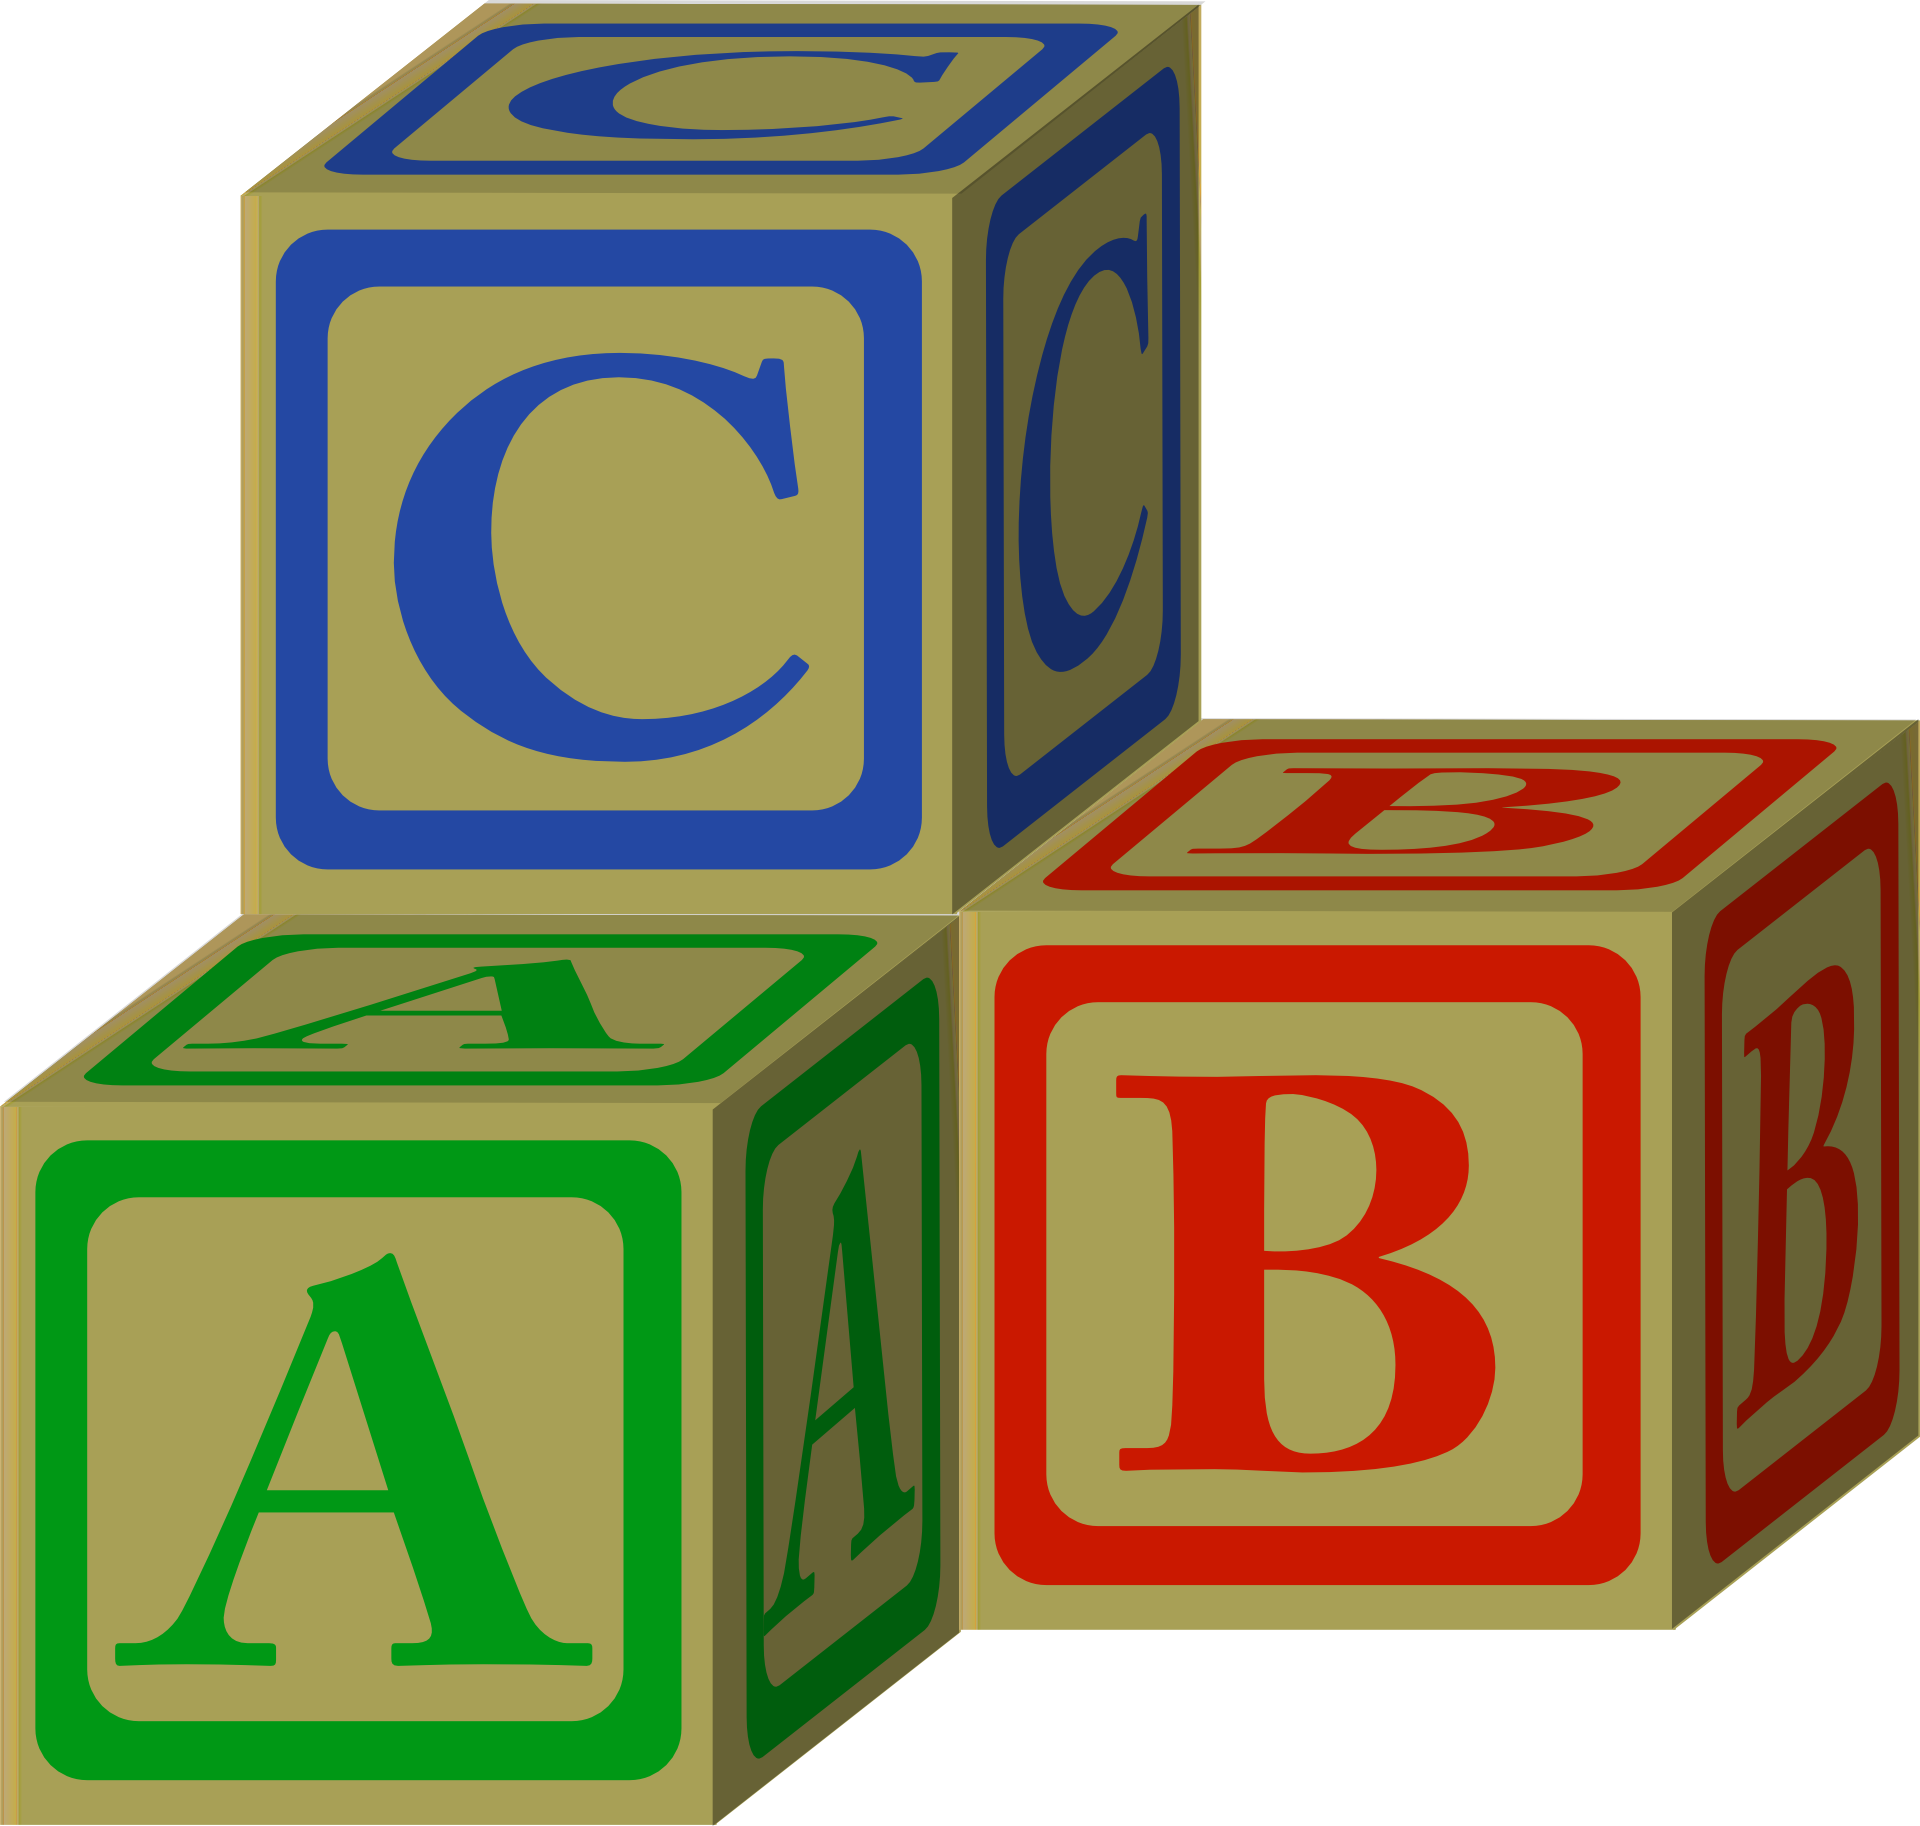 wie viele vokale hat das alphabet